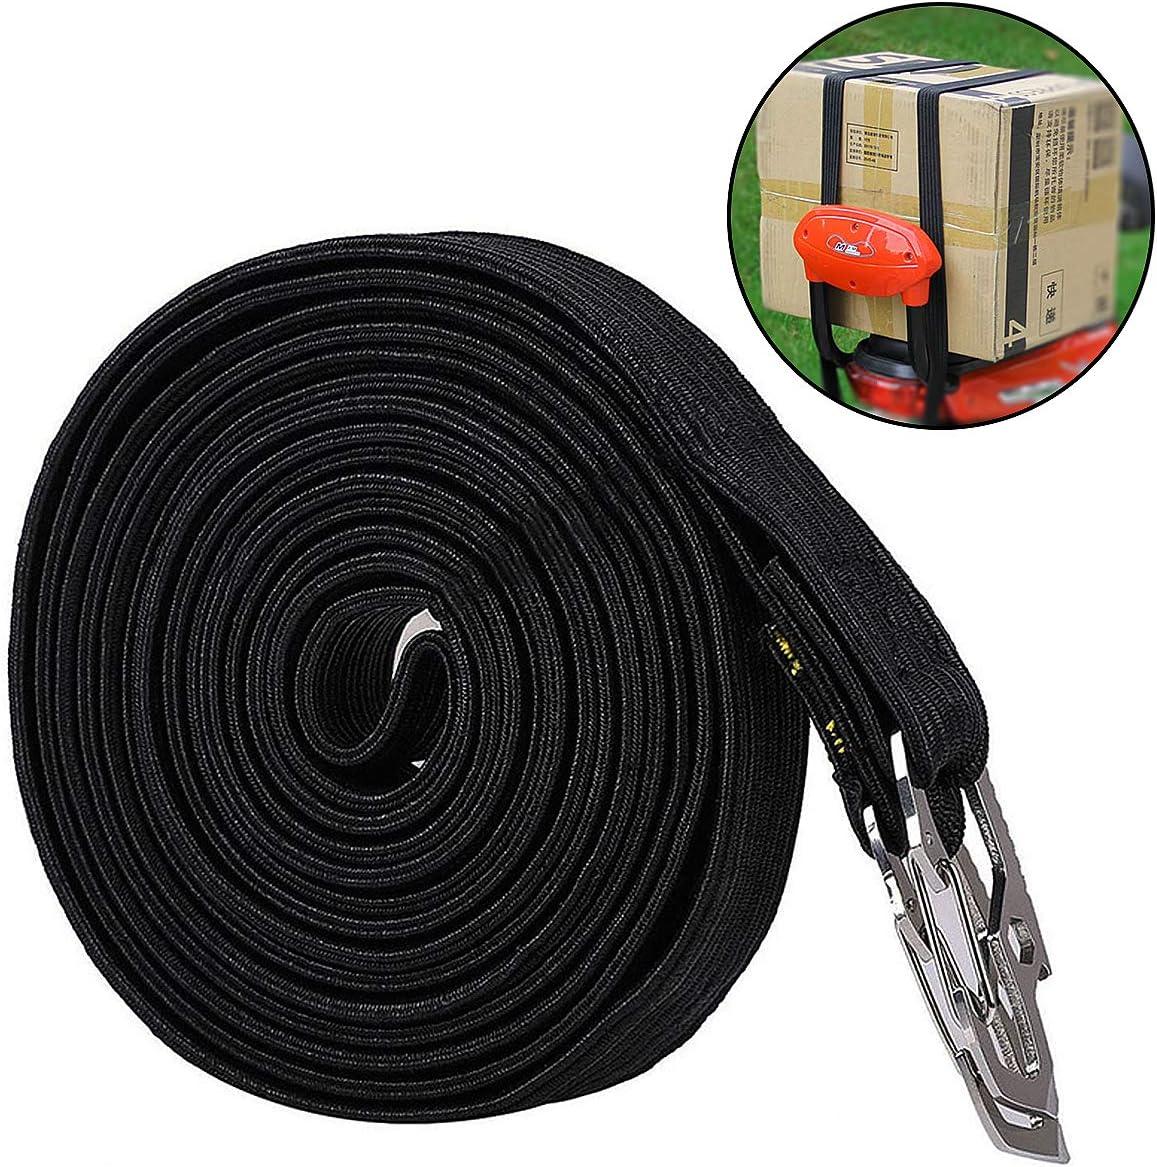 clip altamente elastica rosso ideale per carrelli a mano carro e campeggio corda elastica lunga con ganci di sicurezza in acciaio al carbonio Runaup